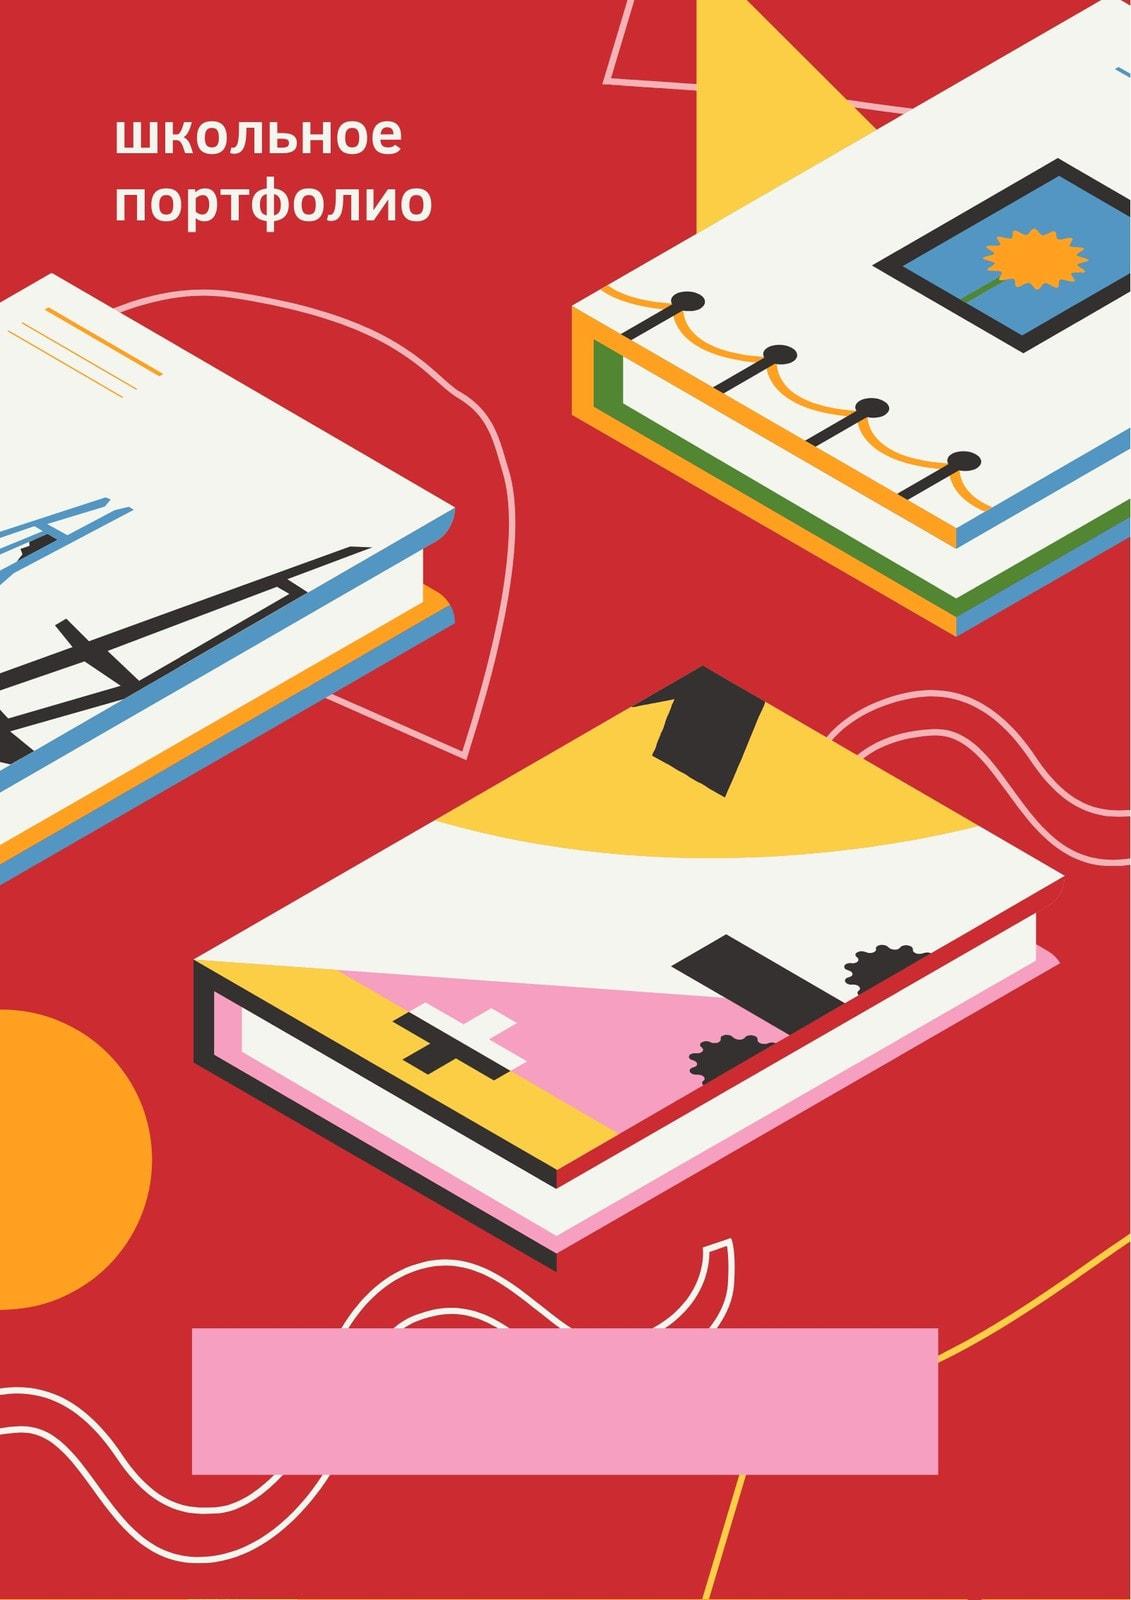 Красное, желтое и синее портфолио ученика с абстрактными иллюстрациями и рисунками книг